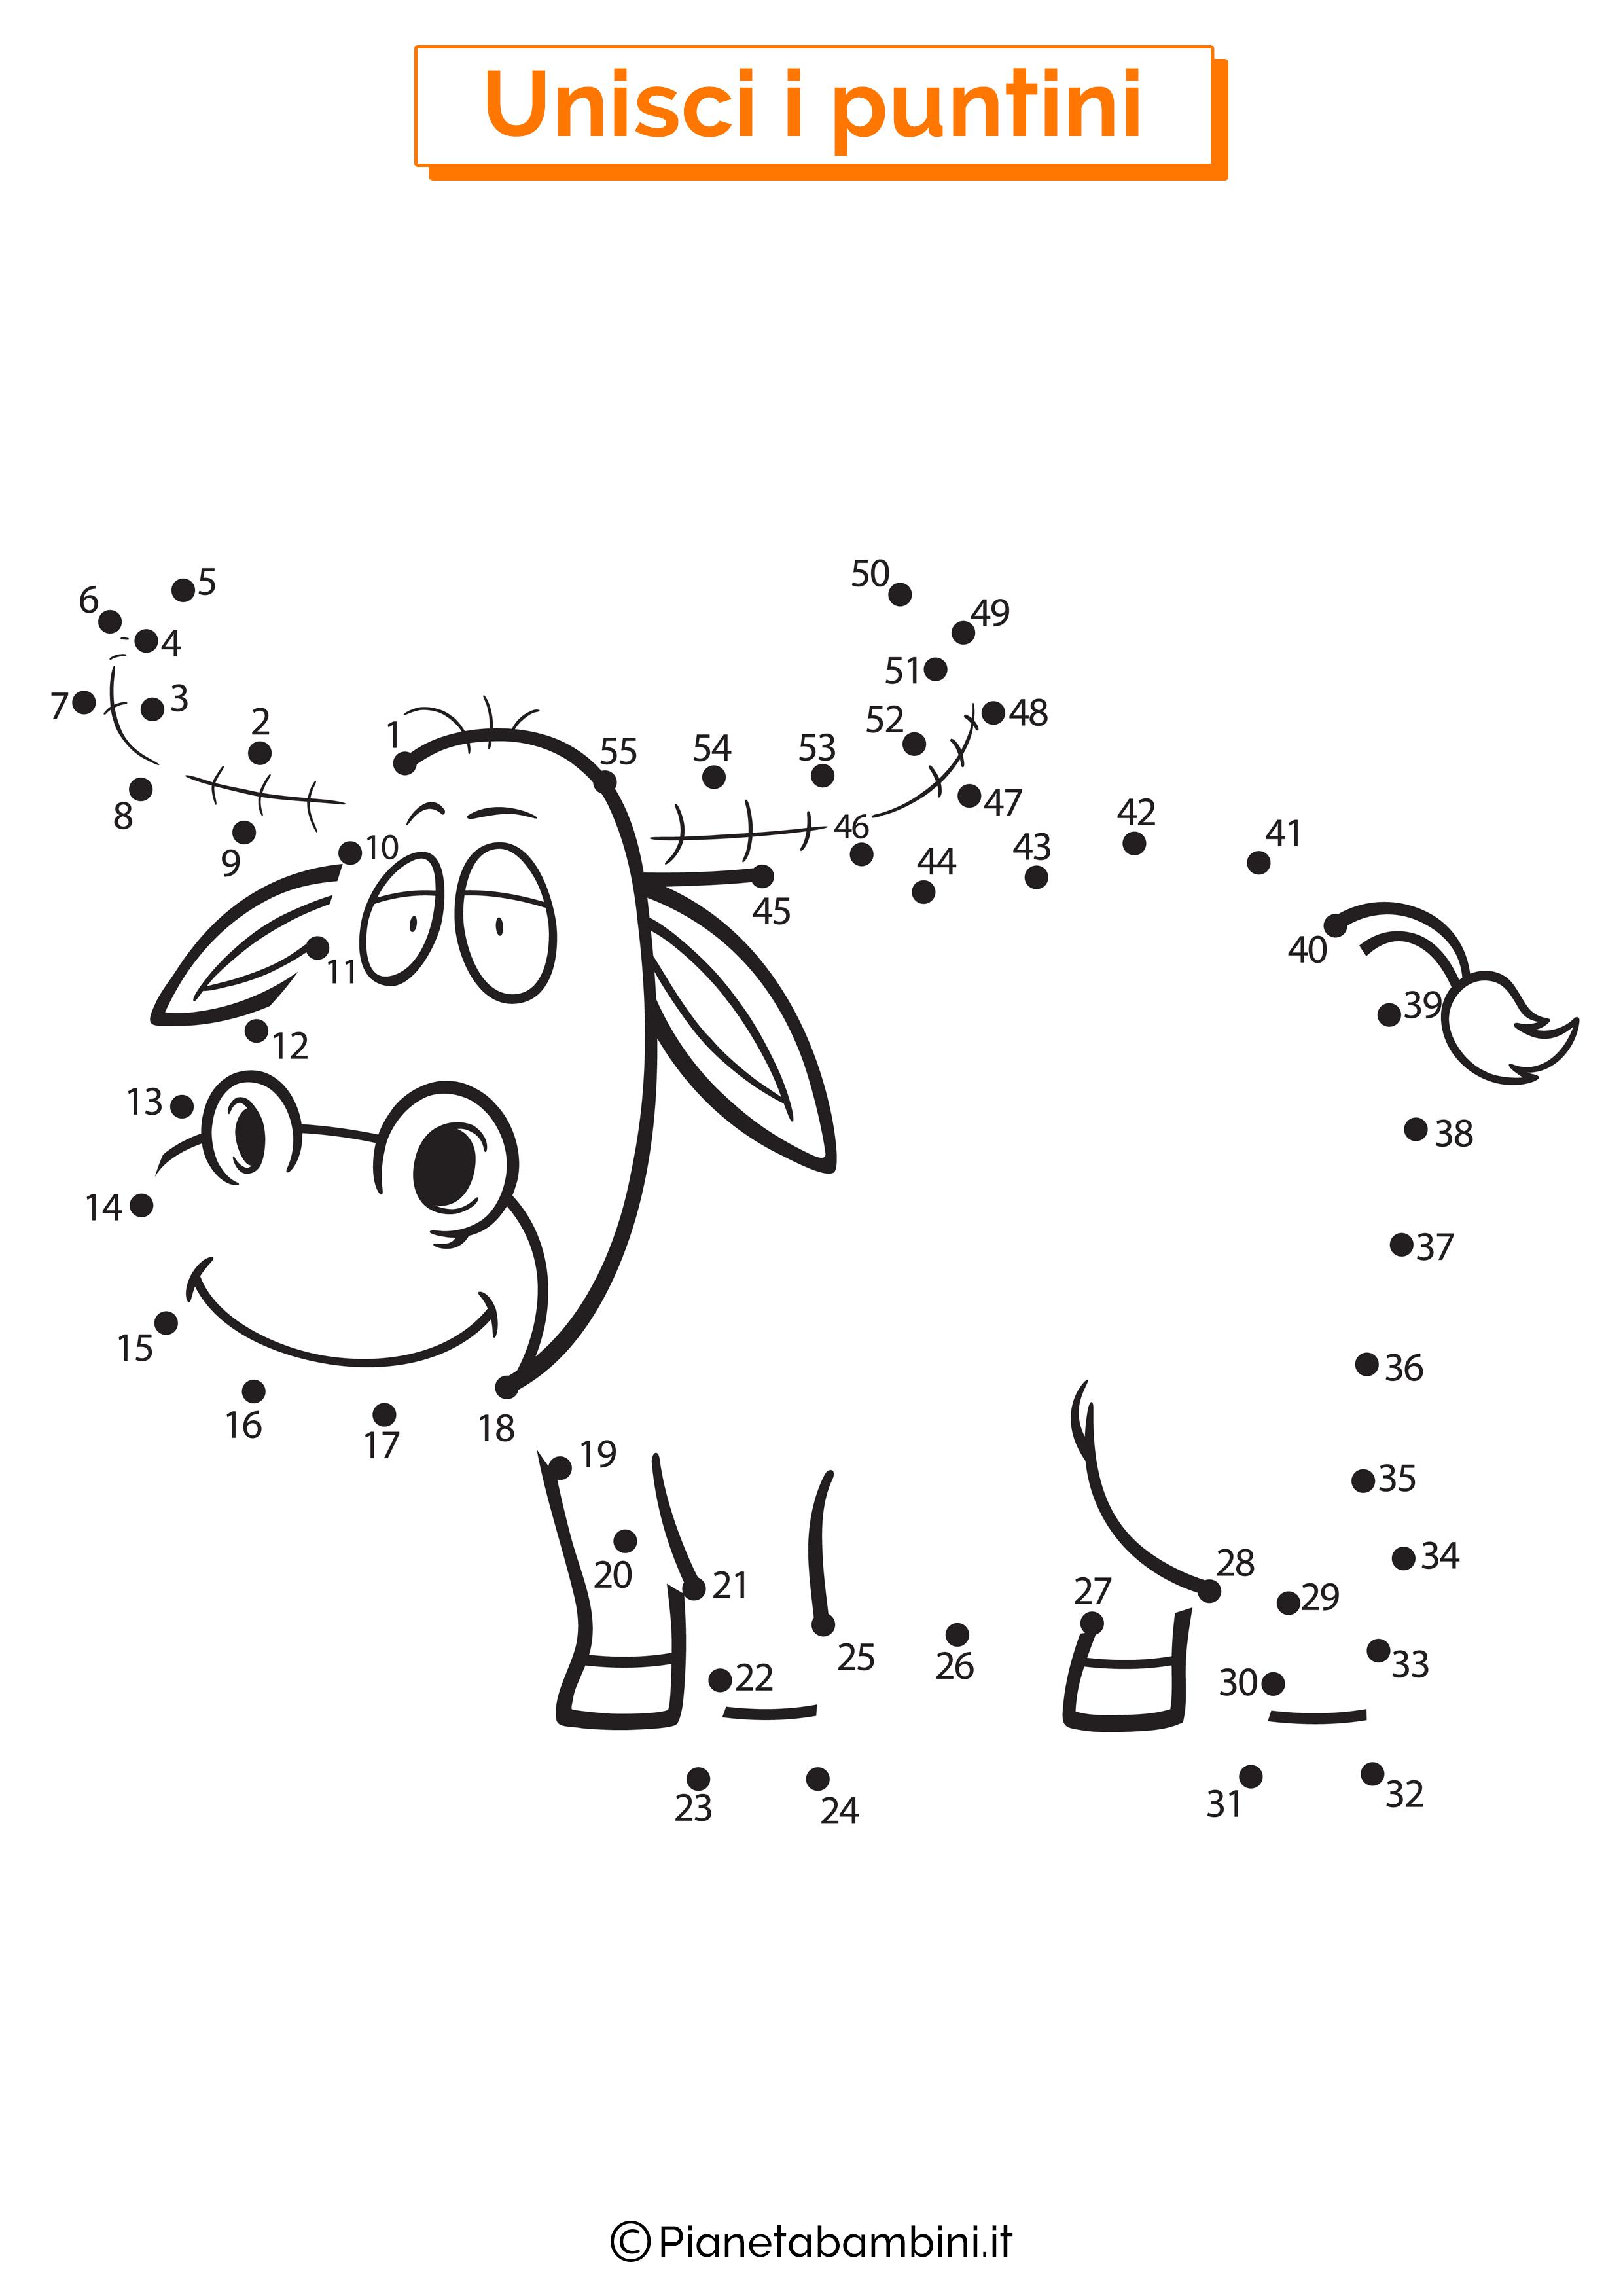 Disegno unisci i puntini da 1 a 50 bufalo